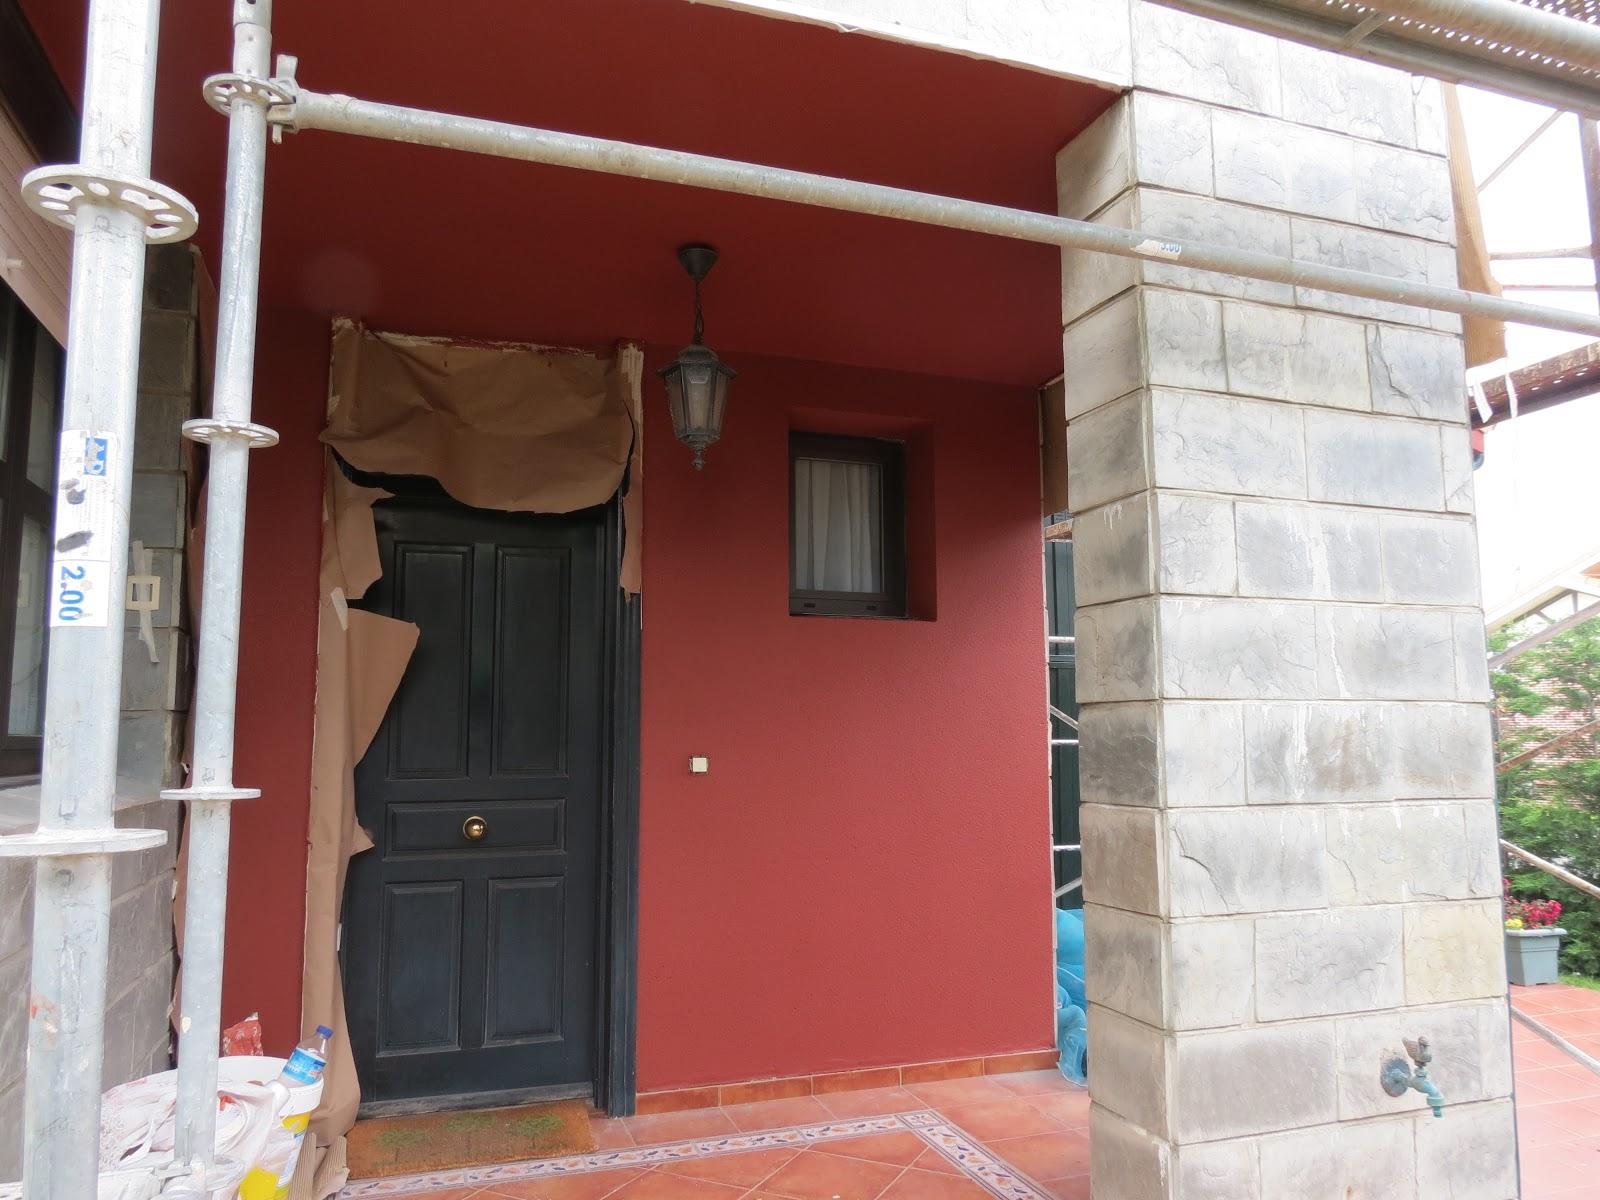 Pintura y decoraci n pintura en exterior fachada en chalet - Pintura exterior colores ...